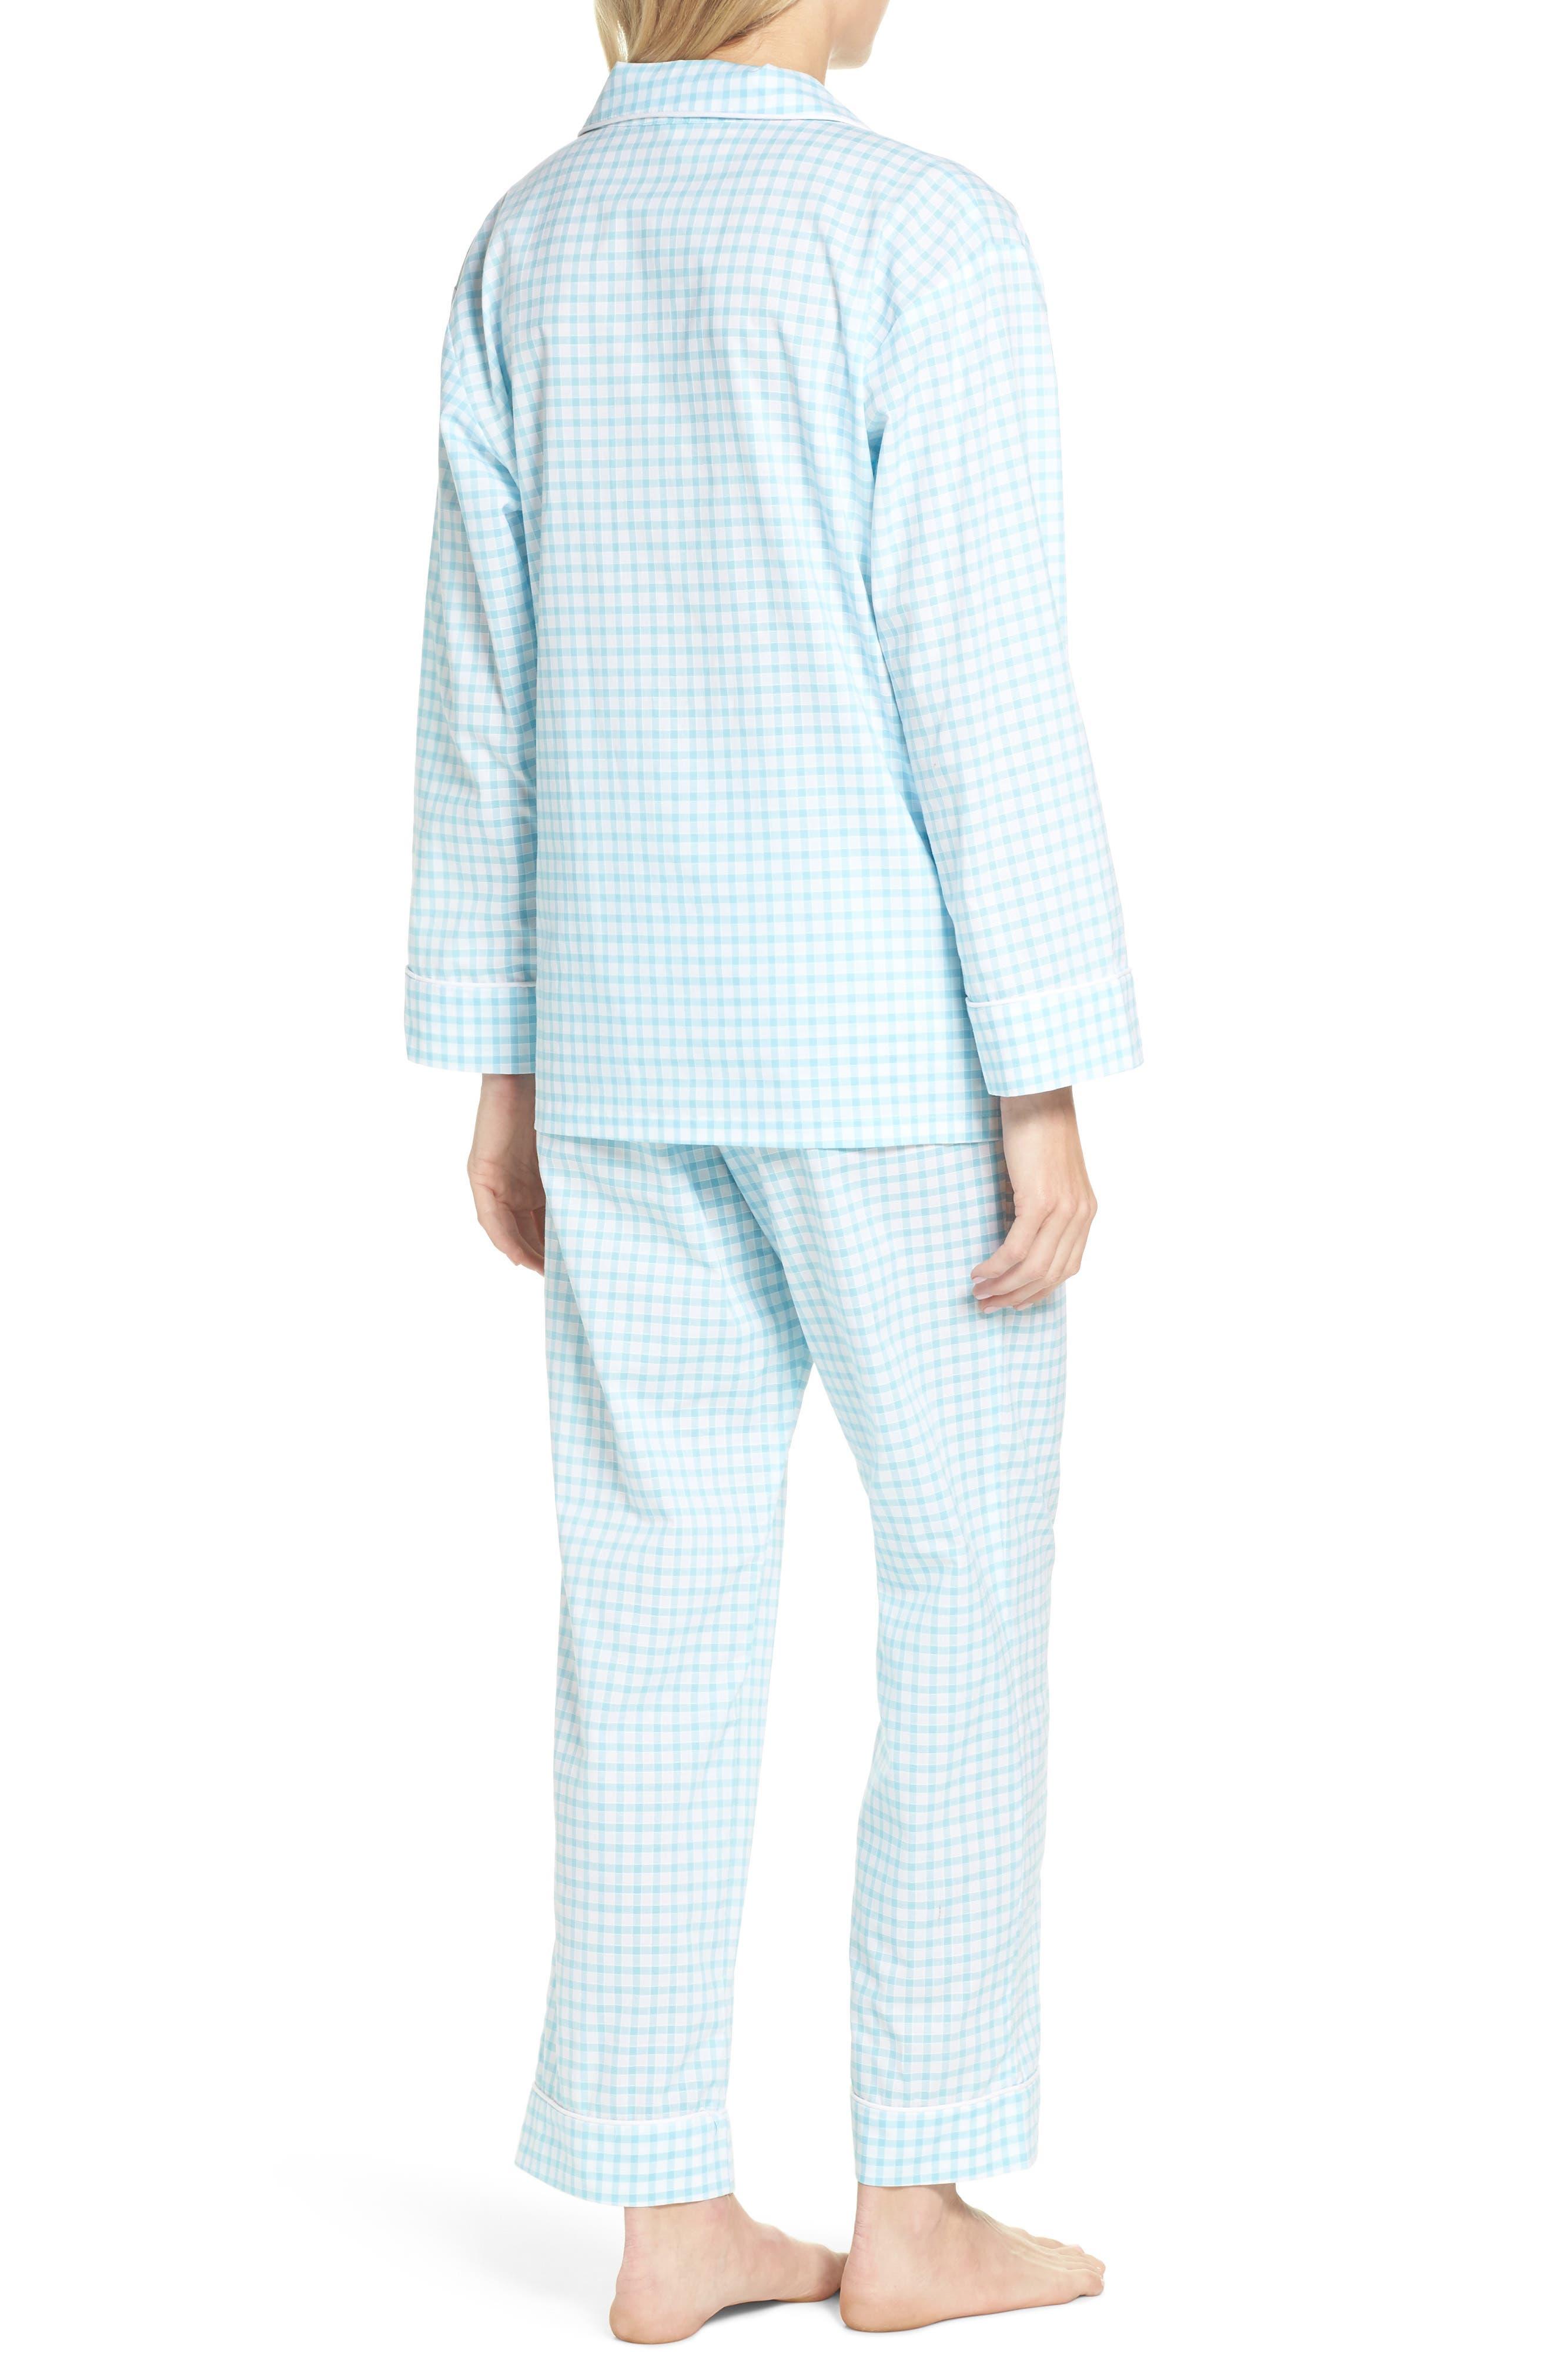 Gingham Pajamas,                             Alternate thumbnail 2, color,                             Aqua Gingham